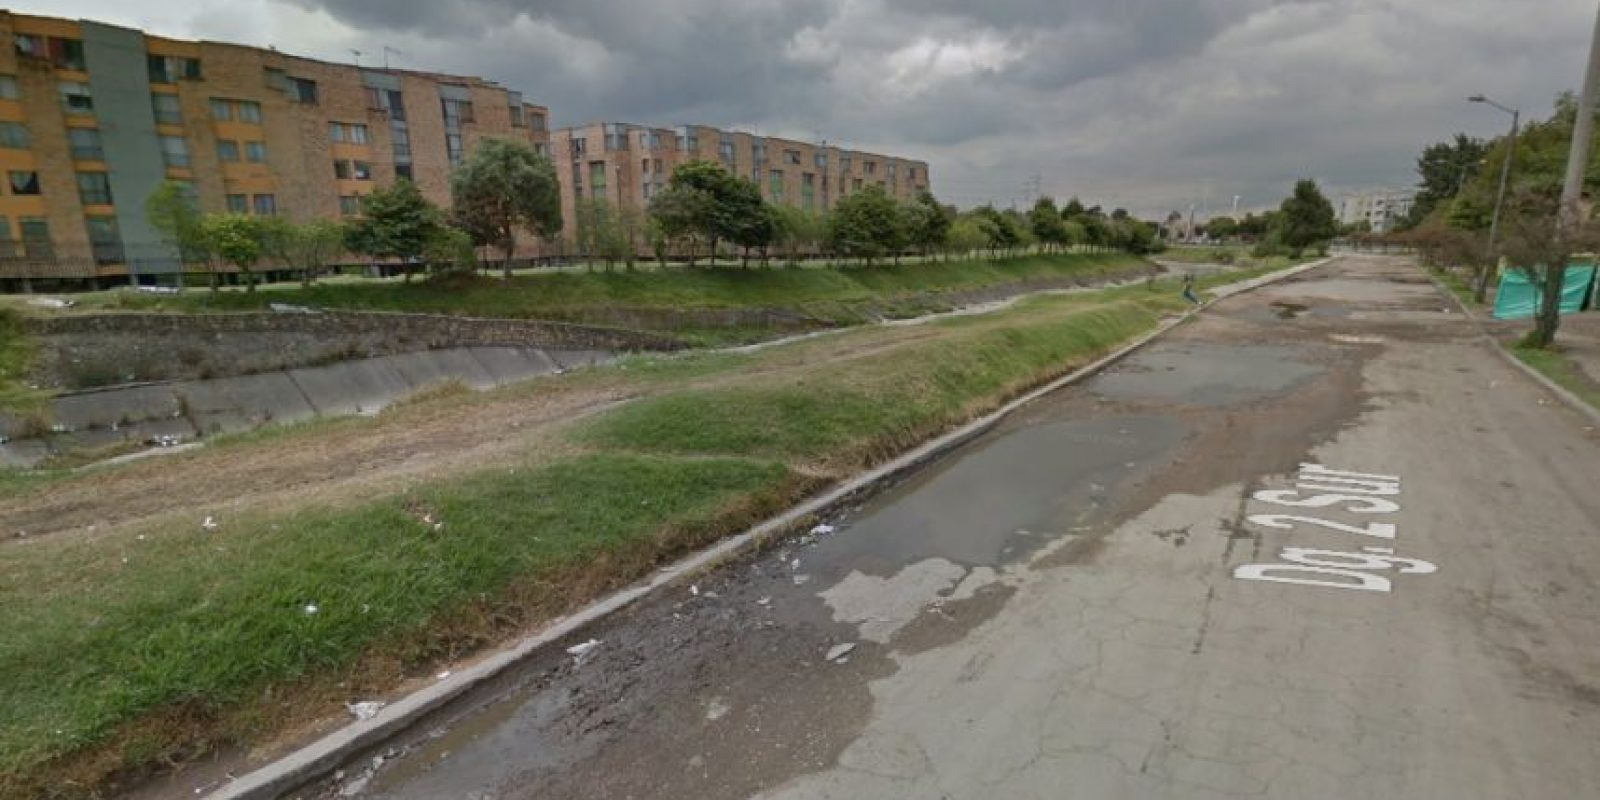 Calles intransitables en la localidad de Puente Aranda. Foto:Captura de pantalla Google Street View